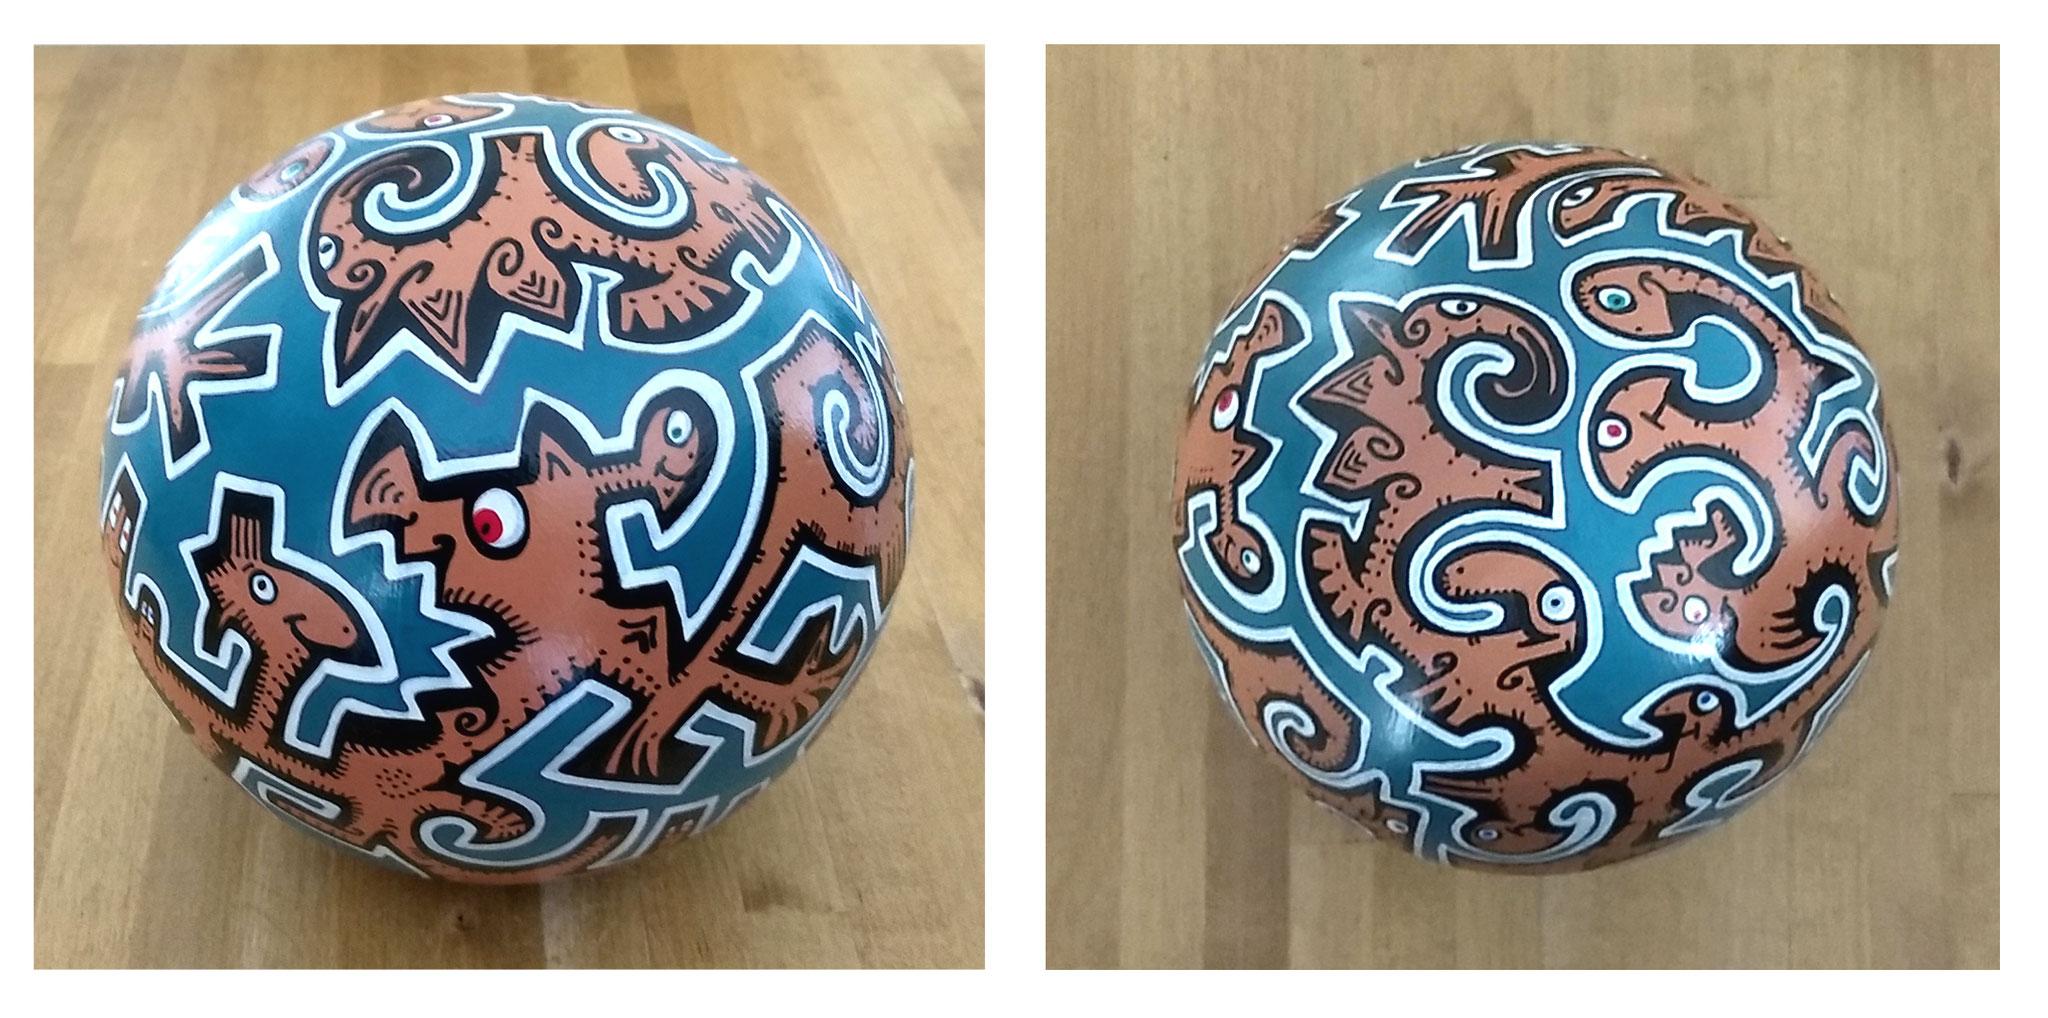 Sphère n°7/ sphère en terre cuite/ diamètre : 15 cm/ feutres acrylique/finition vernis satin/ prix : 35 euros